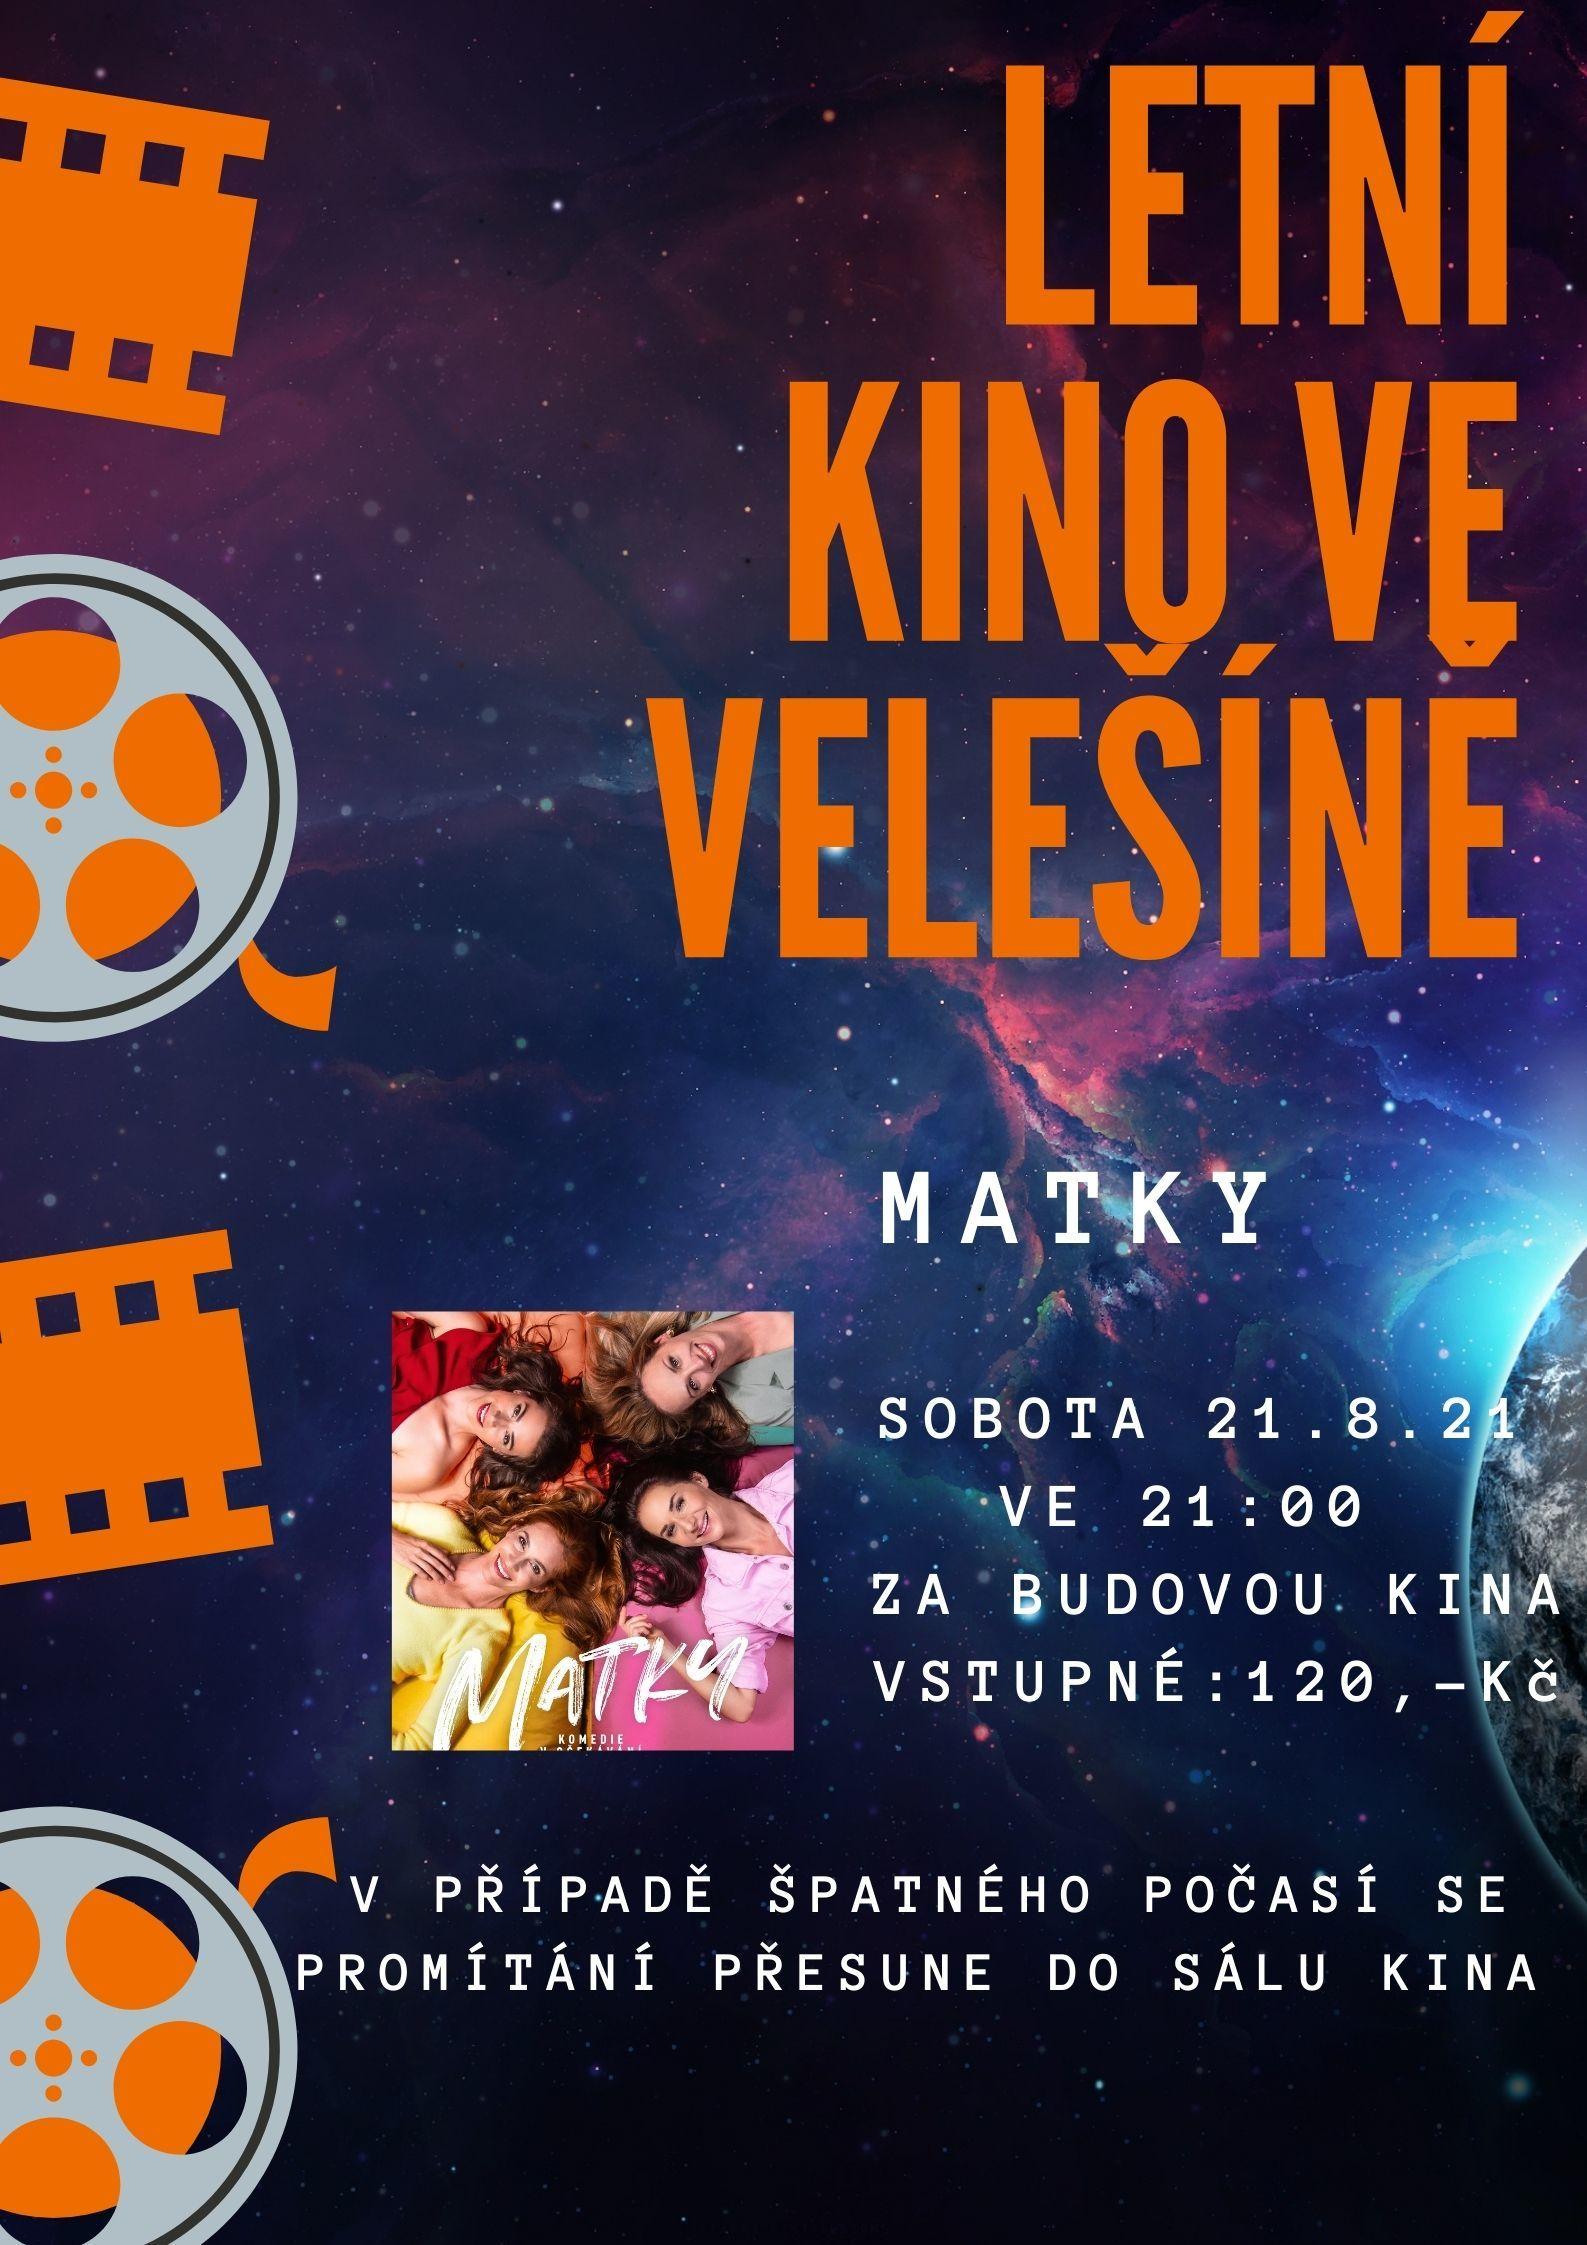 VELEŠÍN - Letní kino